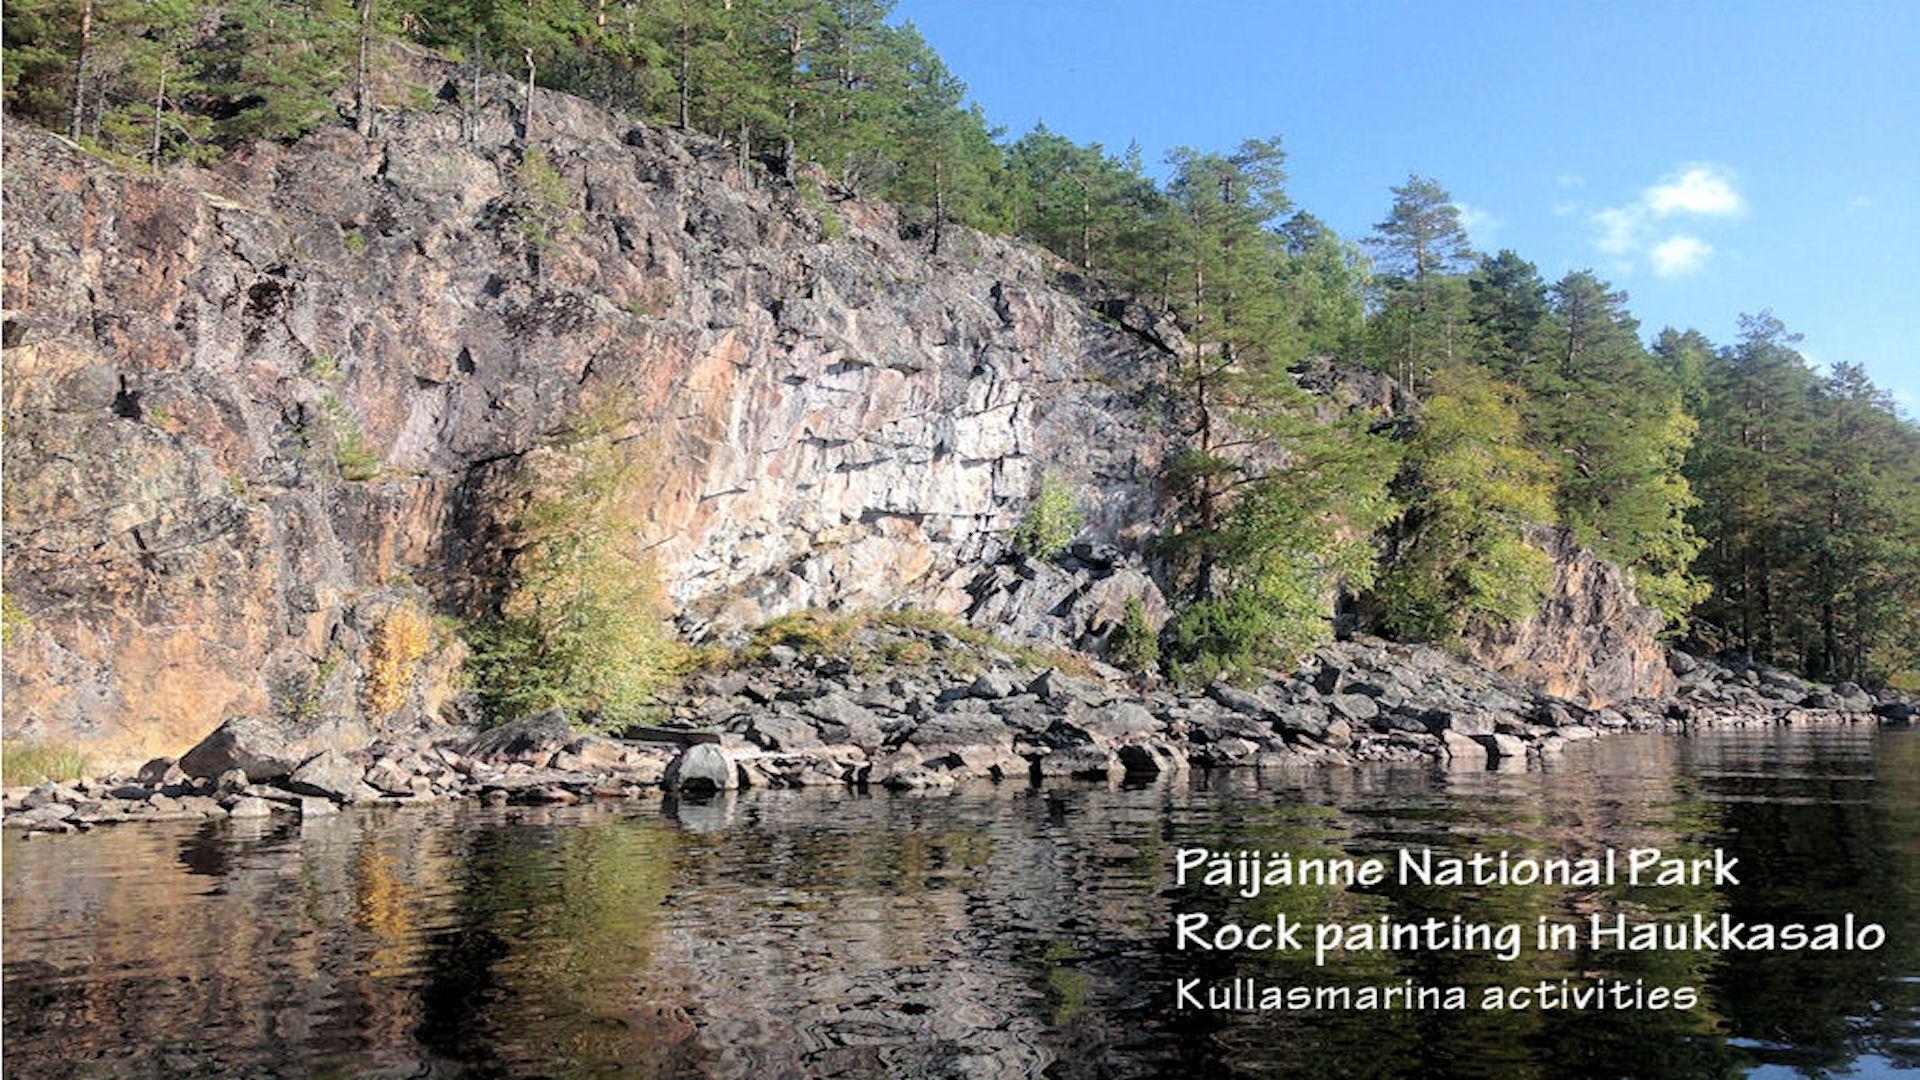 Boat trip to Haukkasaari rock paintings and Kelvenne island, Päijänne National Park | Kullasmarina